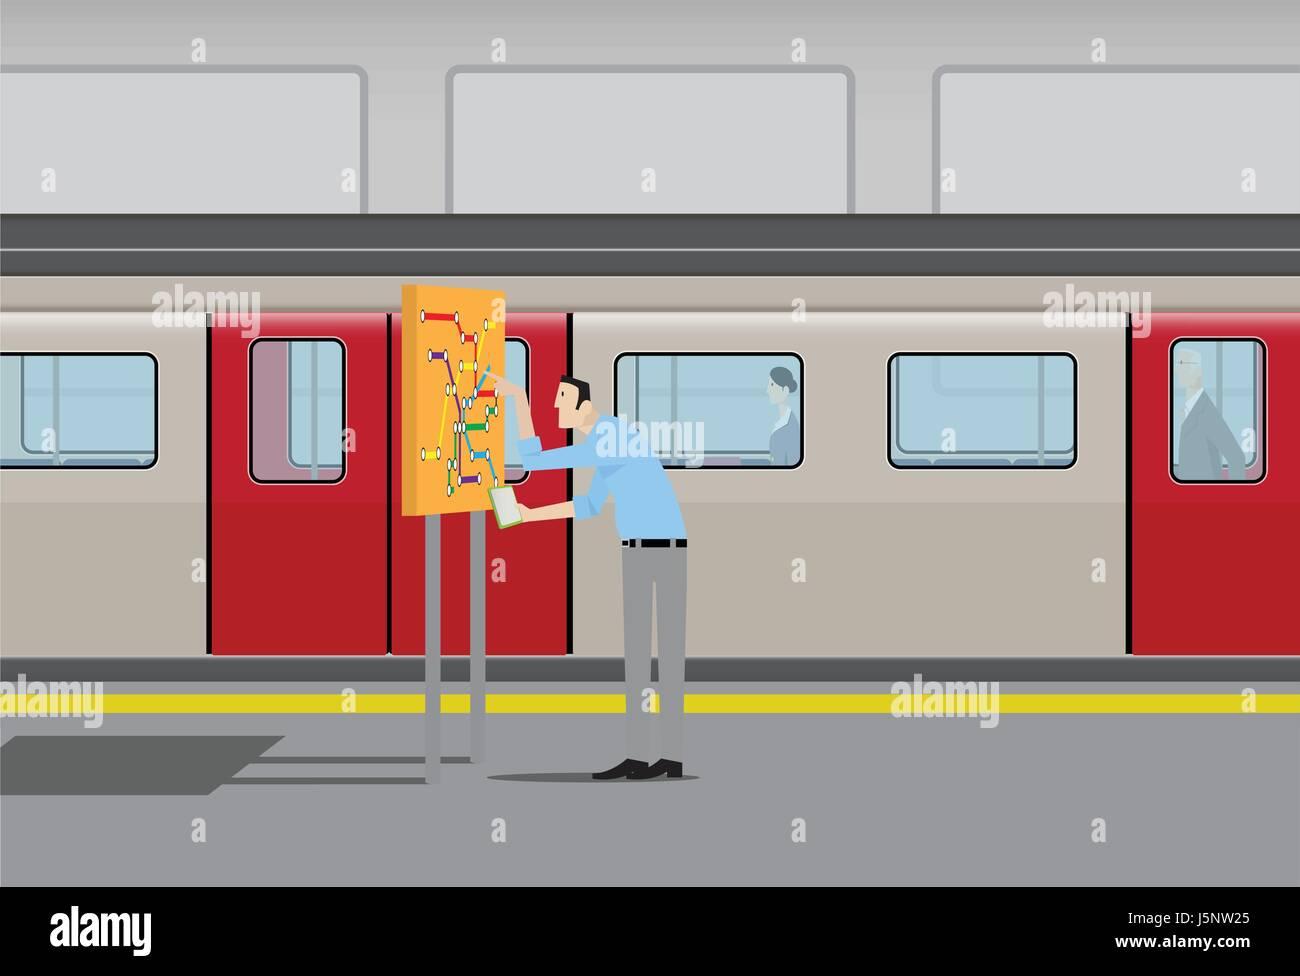 Man Looking At Subway Map.Man Looking At Subway Map Stock Vector Art Illustration Vector